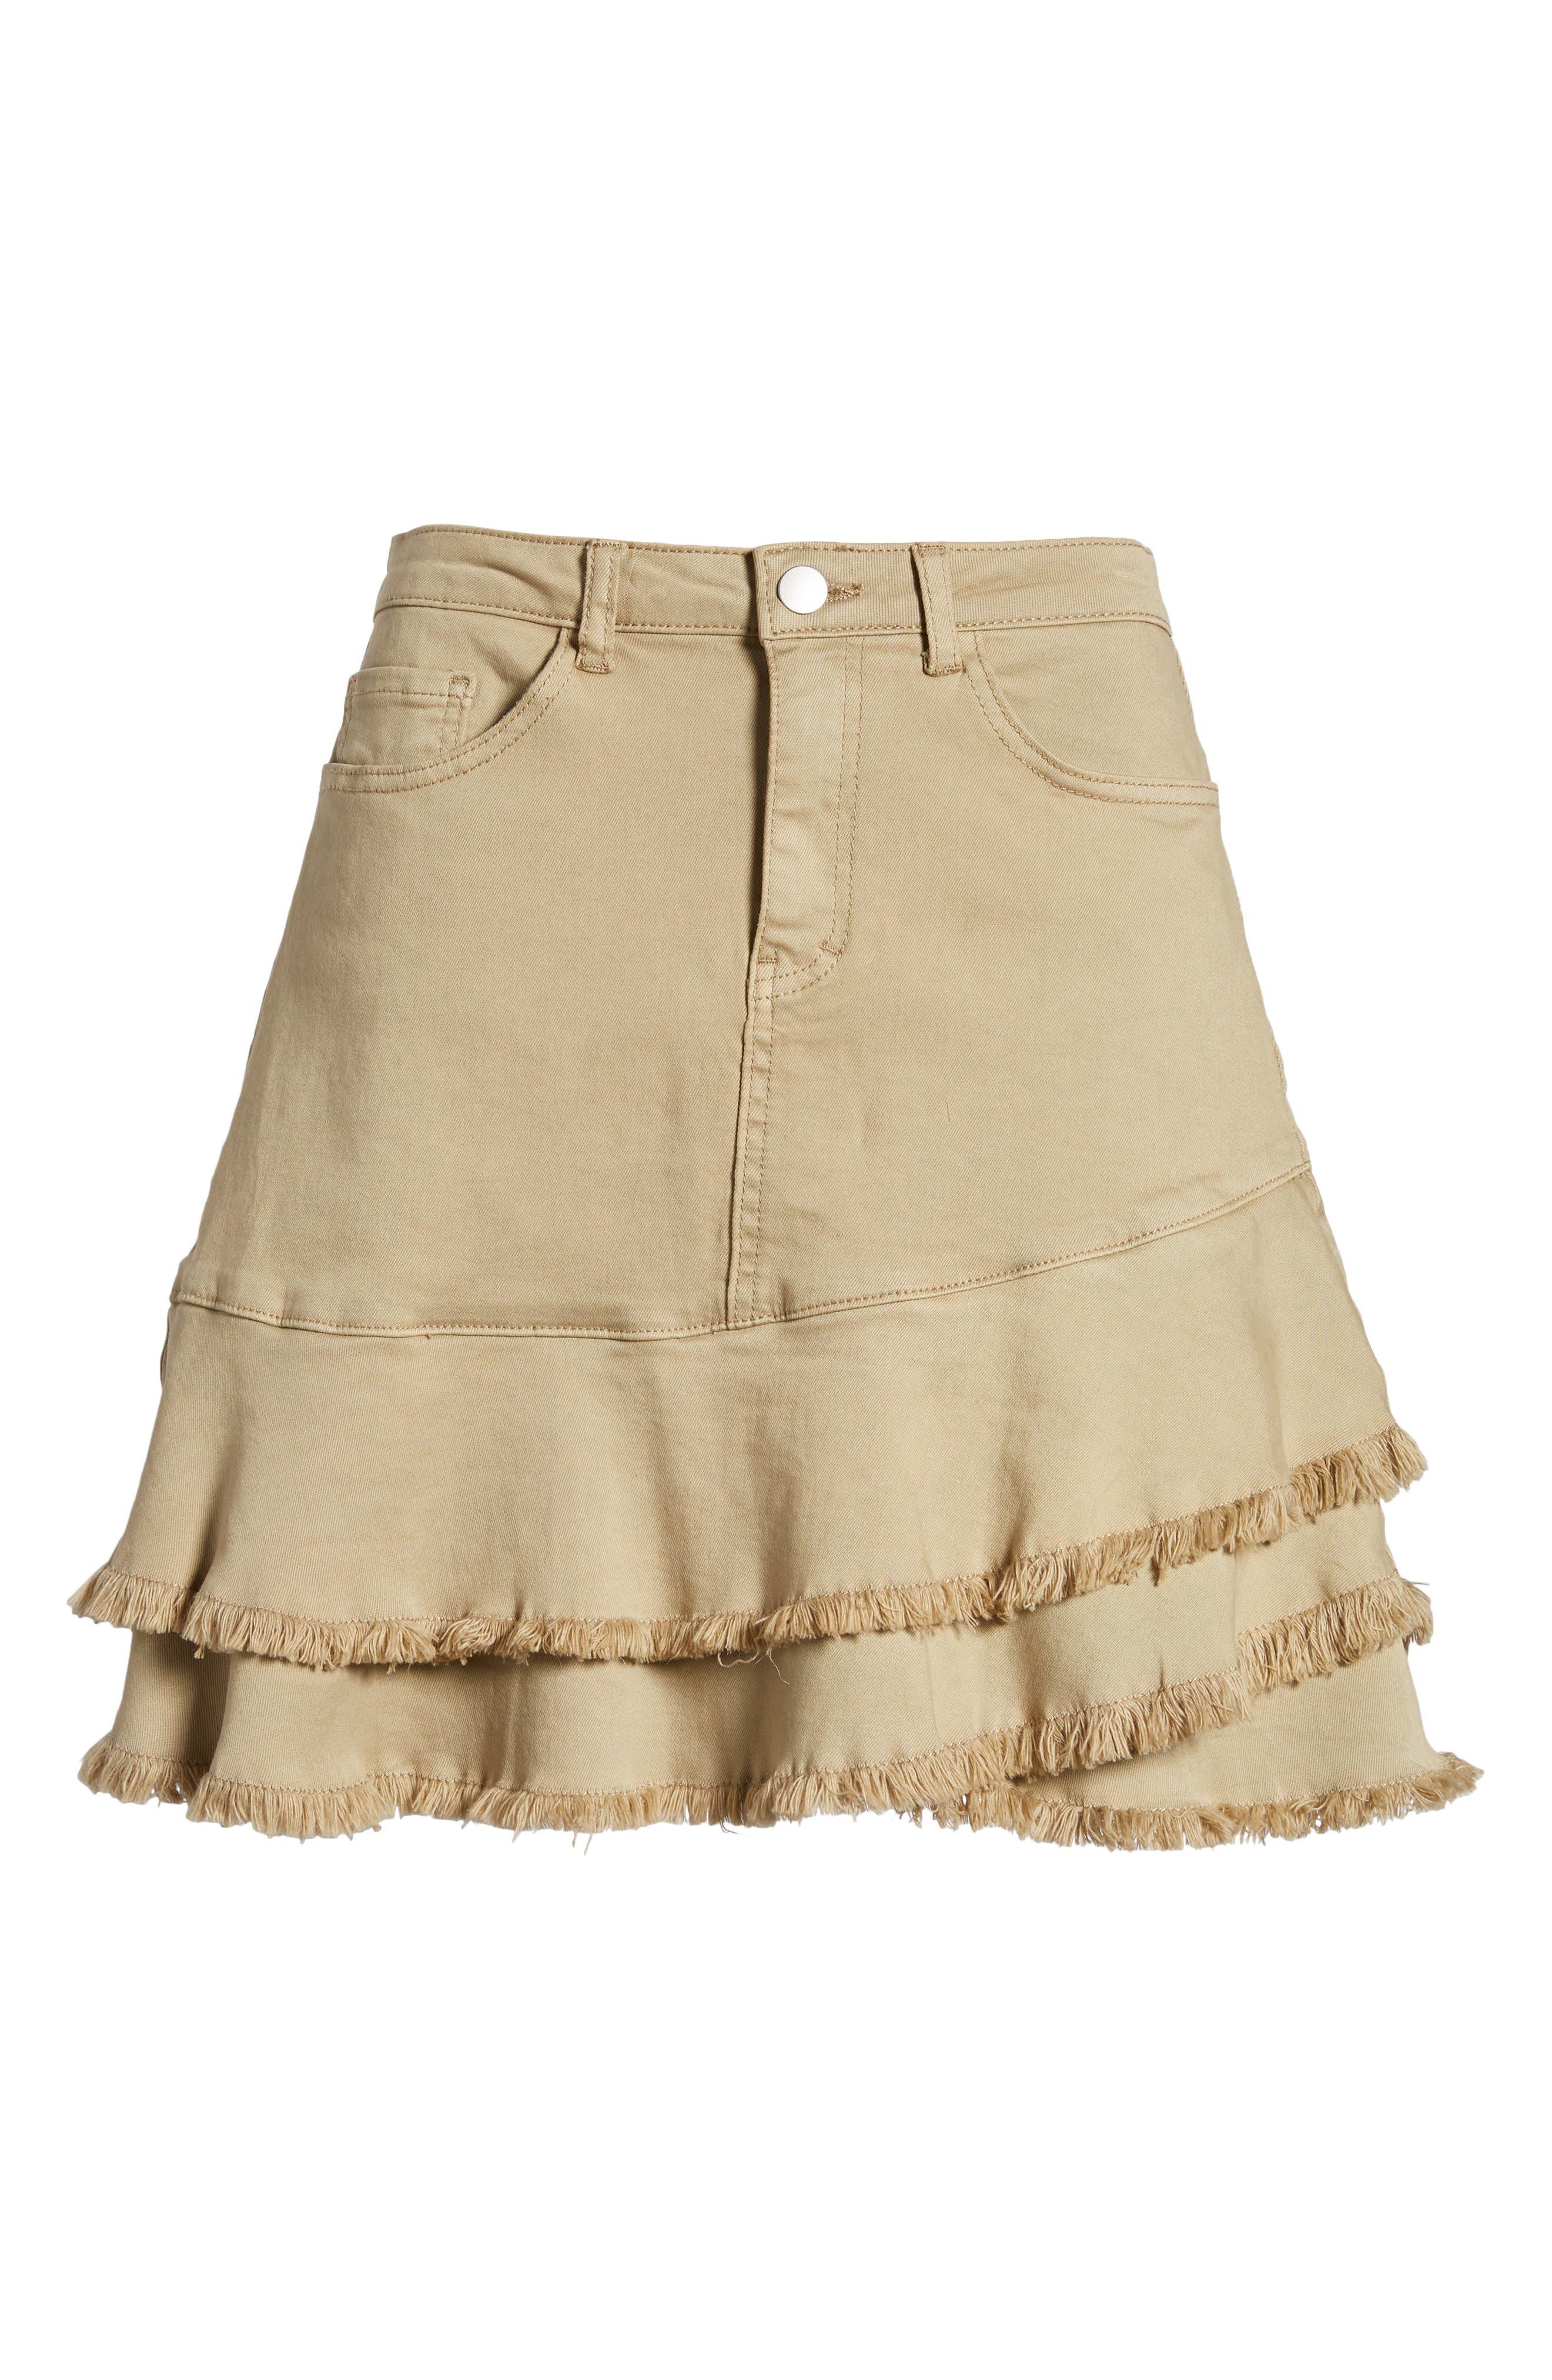 Tiered Fray Hem Skirt,                             Alternate thumbnail 6, color,                             Beige Nougat